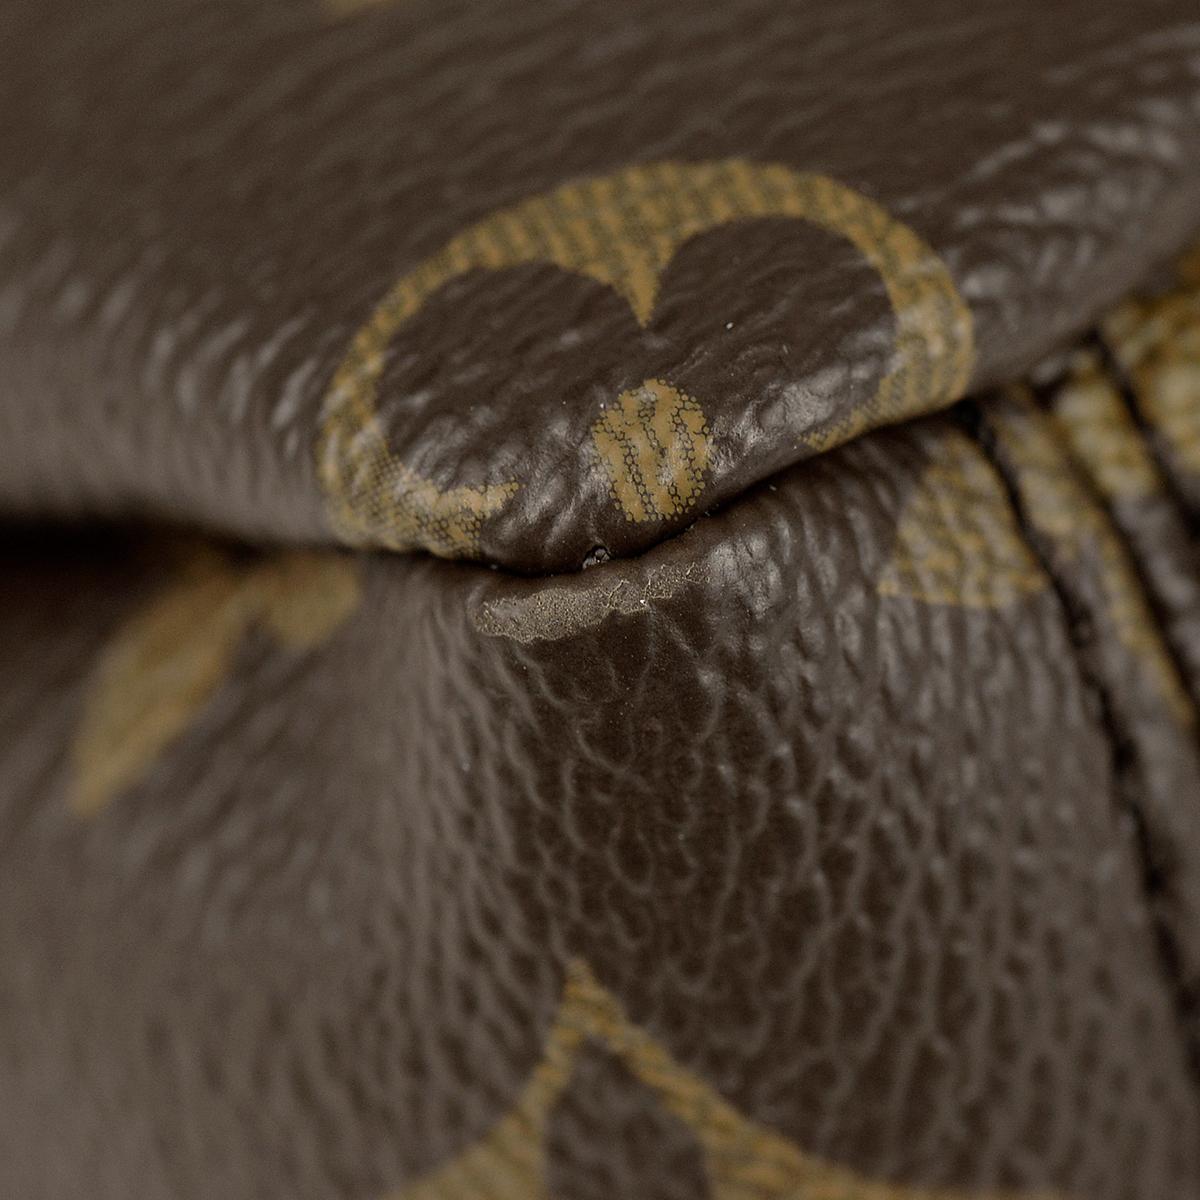 ルイ・ヴィトン Louis Vuitton パラス 肩掛け ショルダーバッグ 2WAY ハンドバッグ モノグラム ブラウン オロール パープルM40906 レディースrdQthBsCx